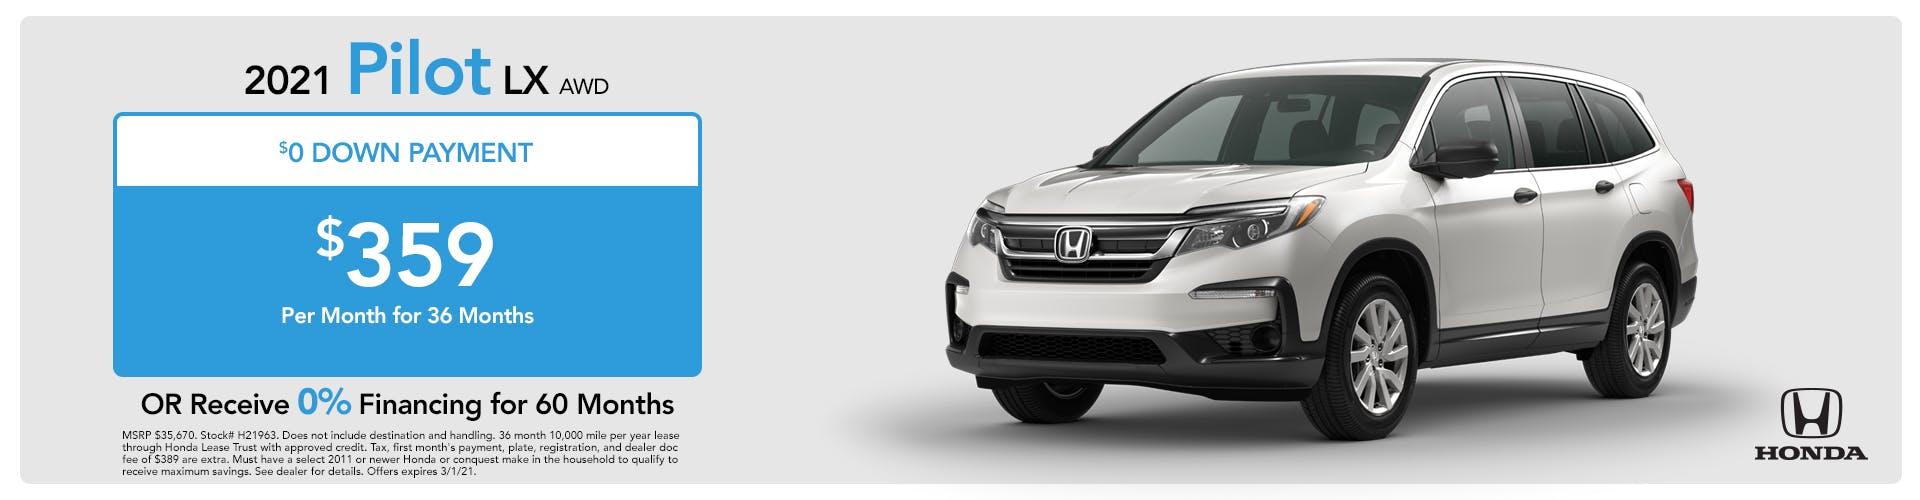 2021 Honda Pilot LX